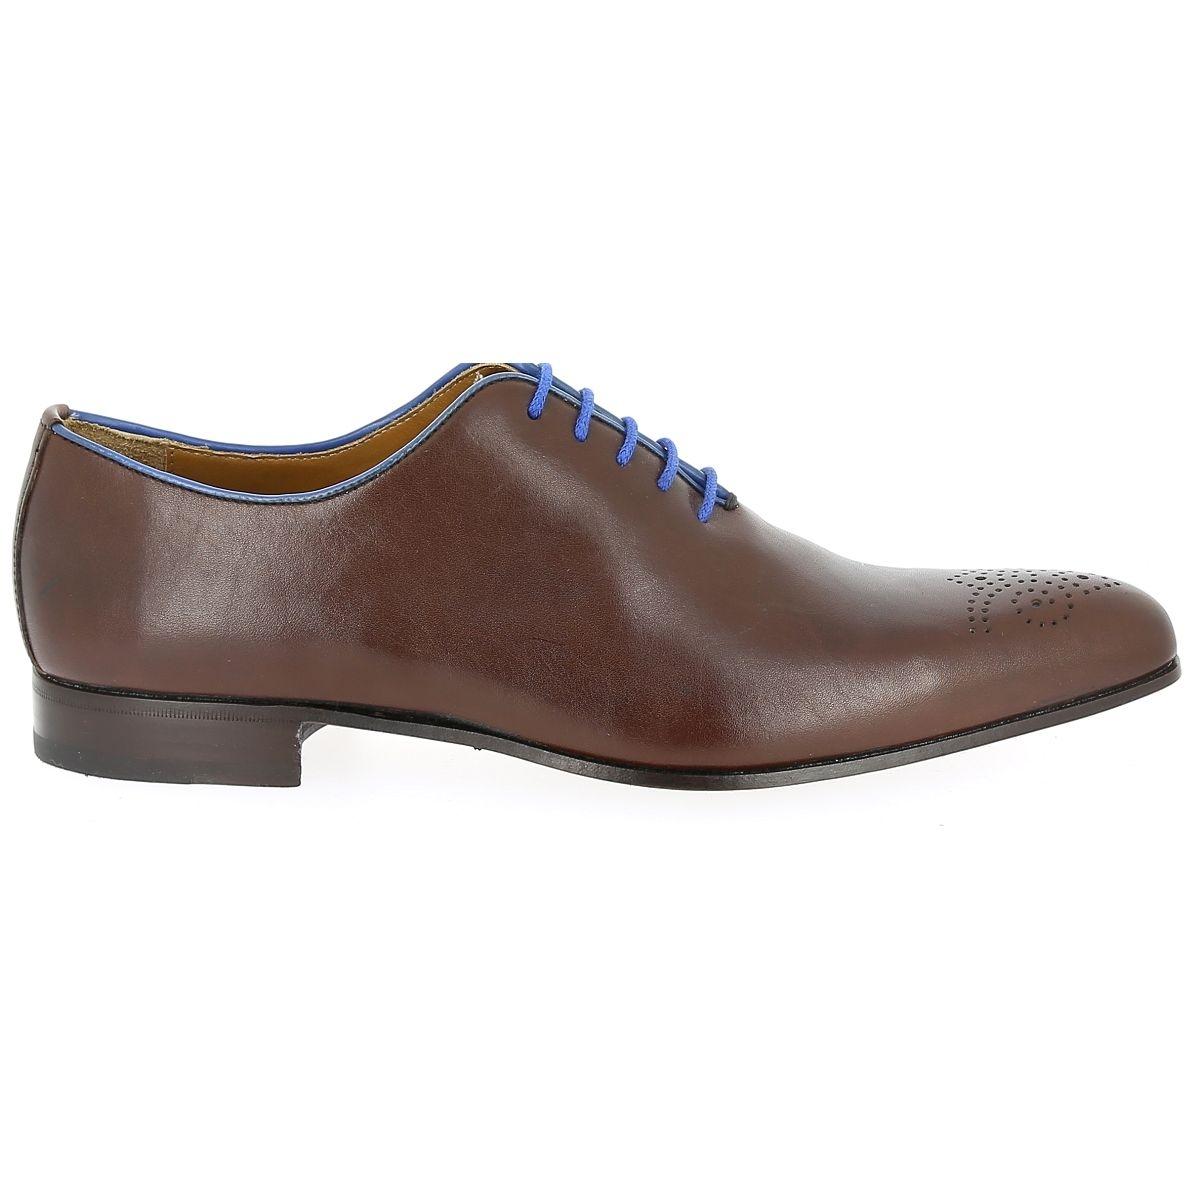 Chaussures à lacets Cuir 2142 171